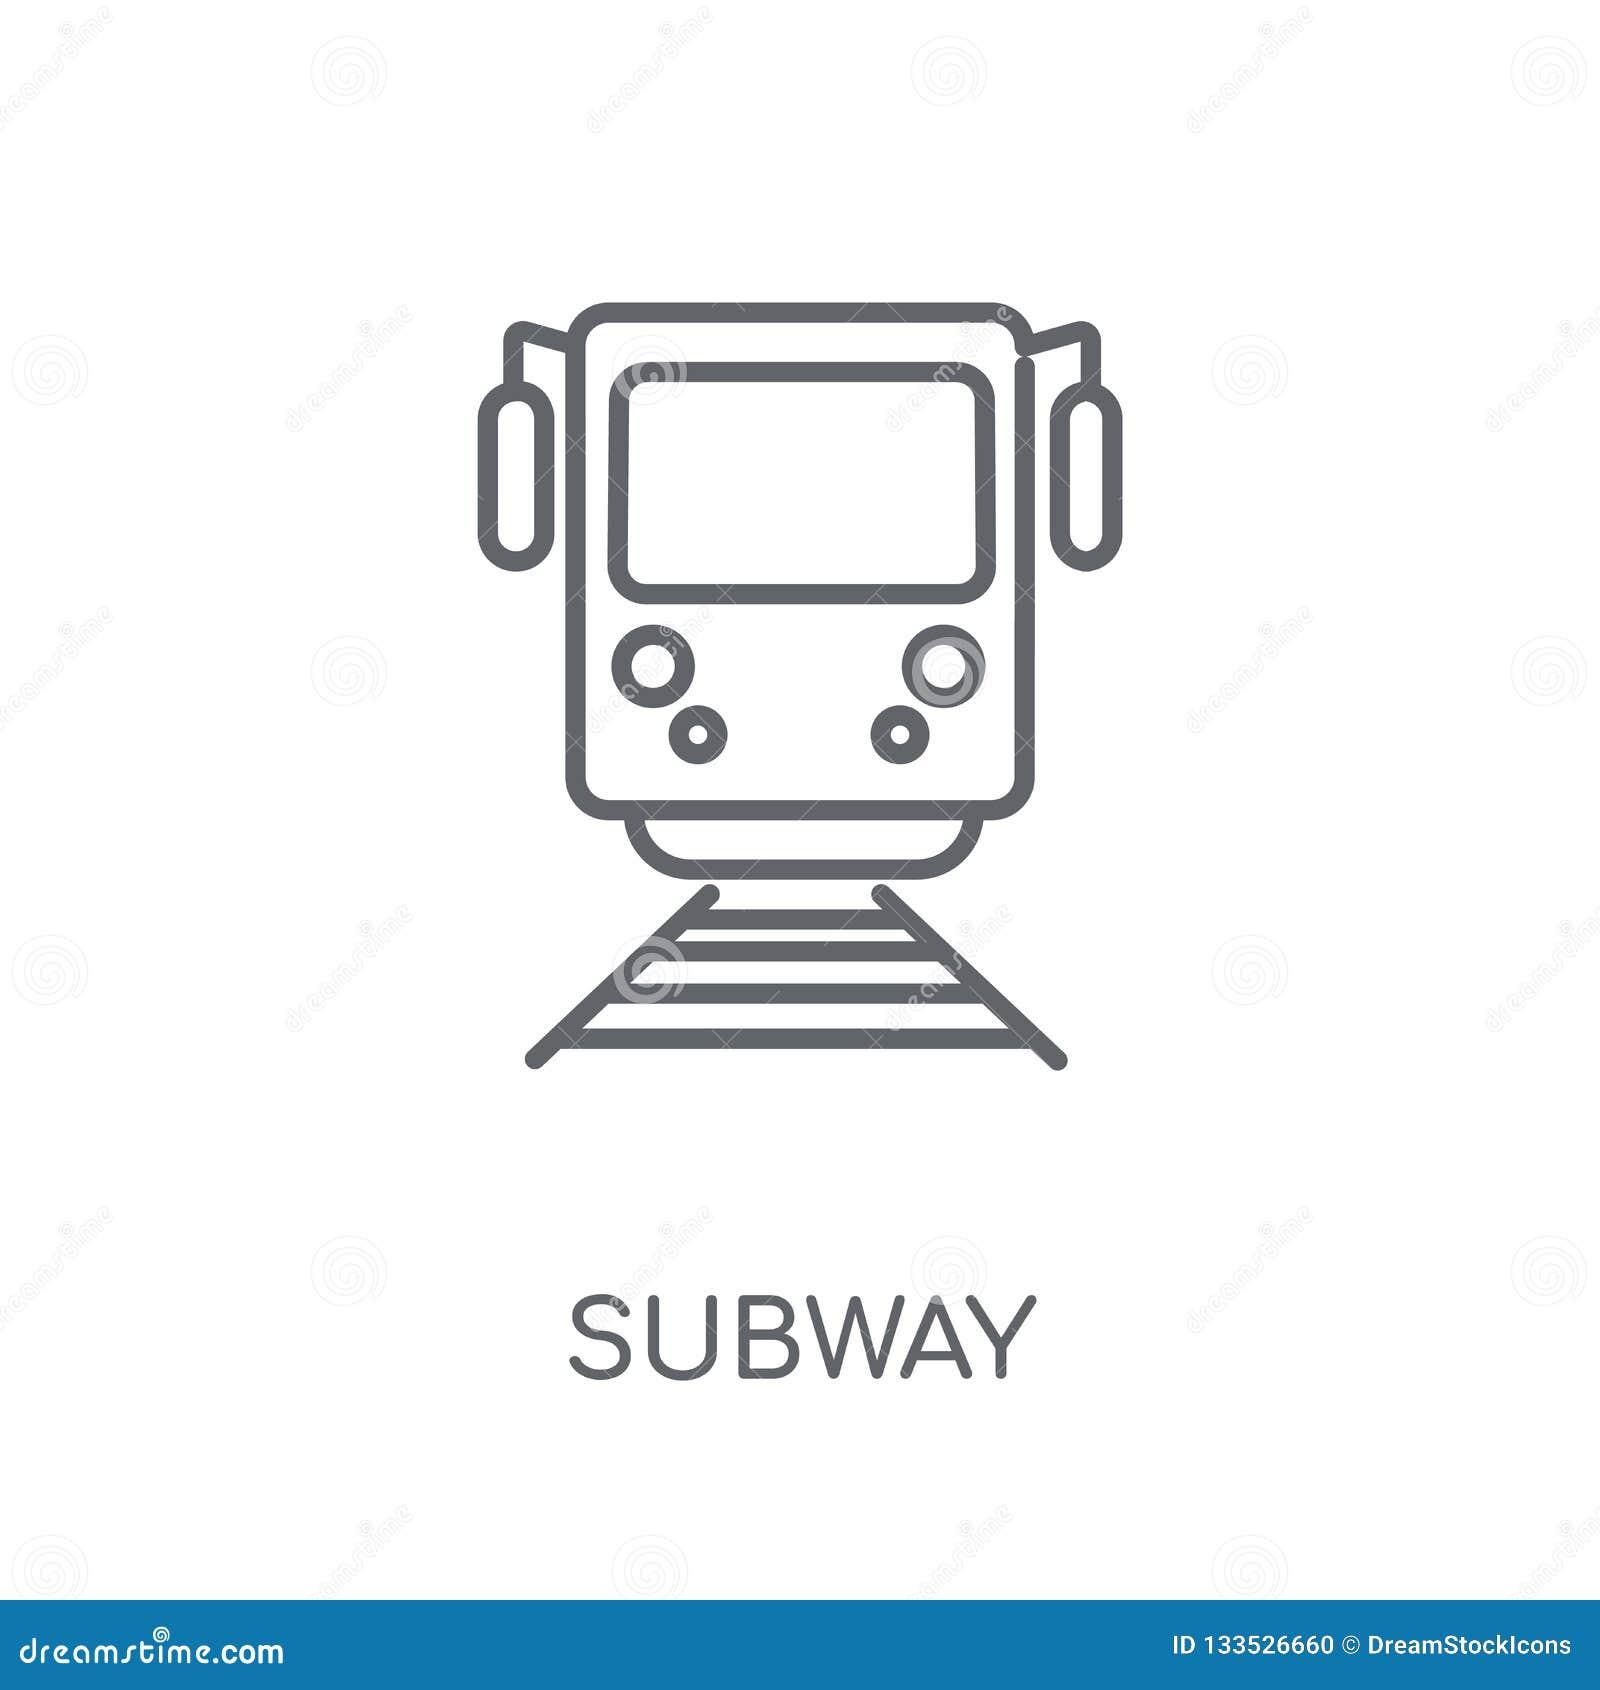 Lineare Ikone der U-Bahn Modernes Entwurf U-Bahnlogokonzept auf Weiß